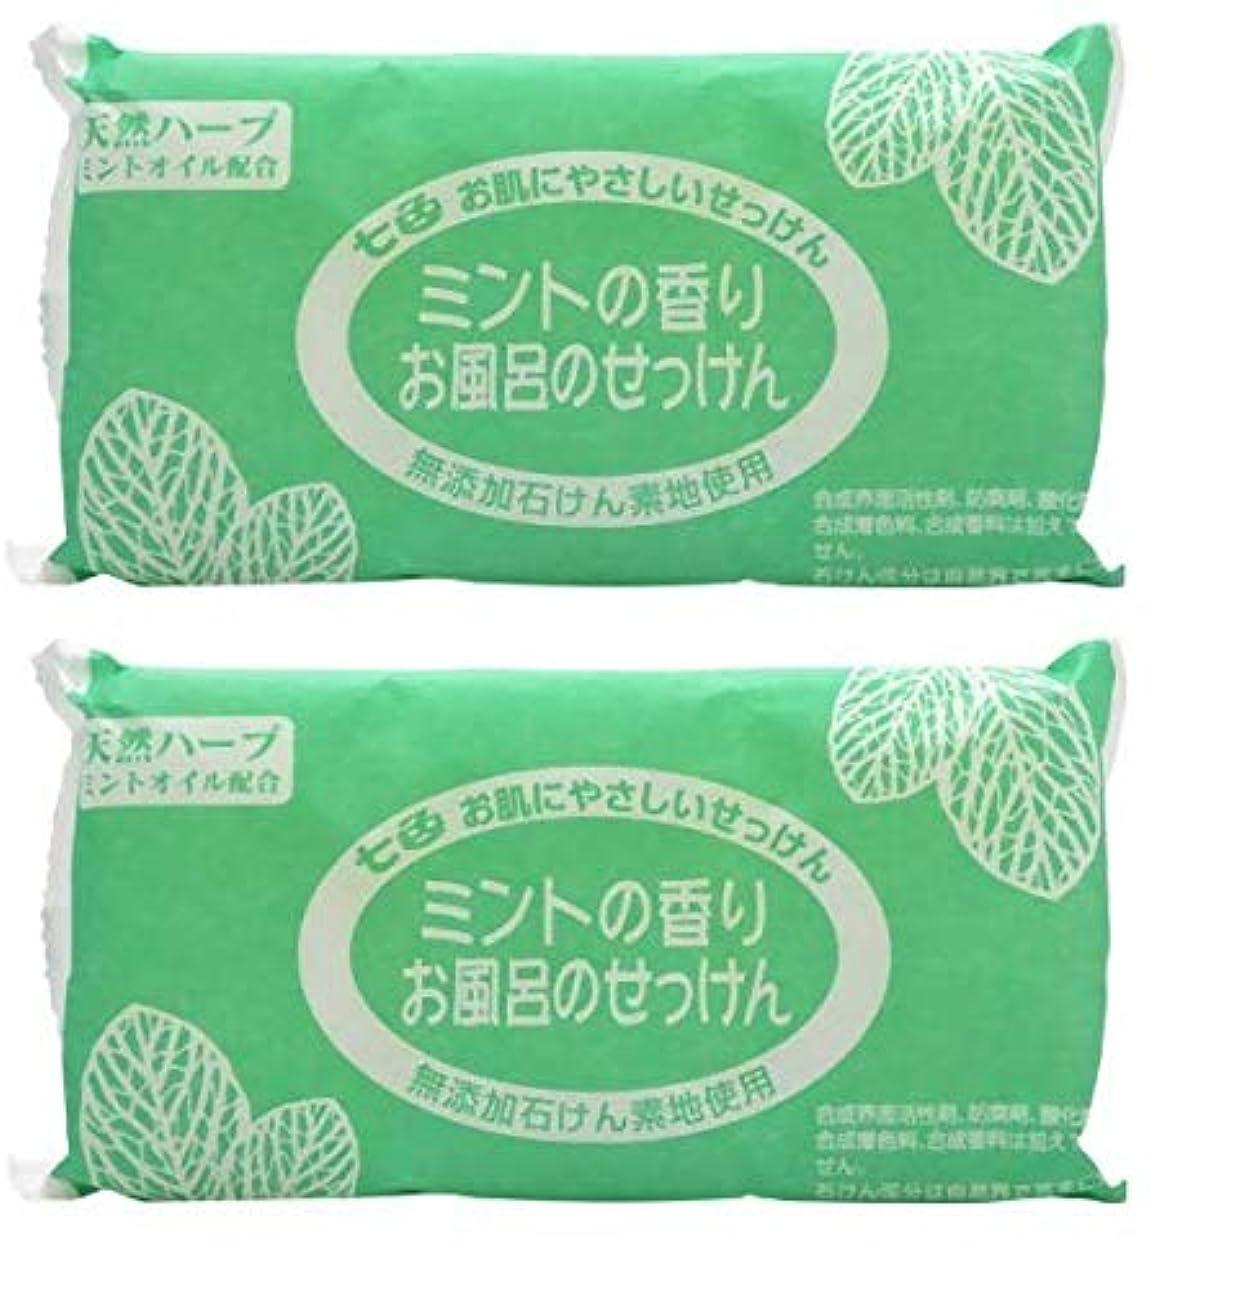 飢えた感動するマリン七色 お風呂のせっけん ミントの香り(無添加石鹸) 100g×6個入